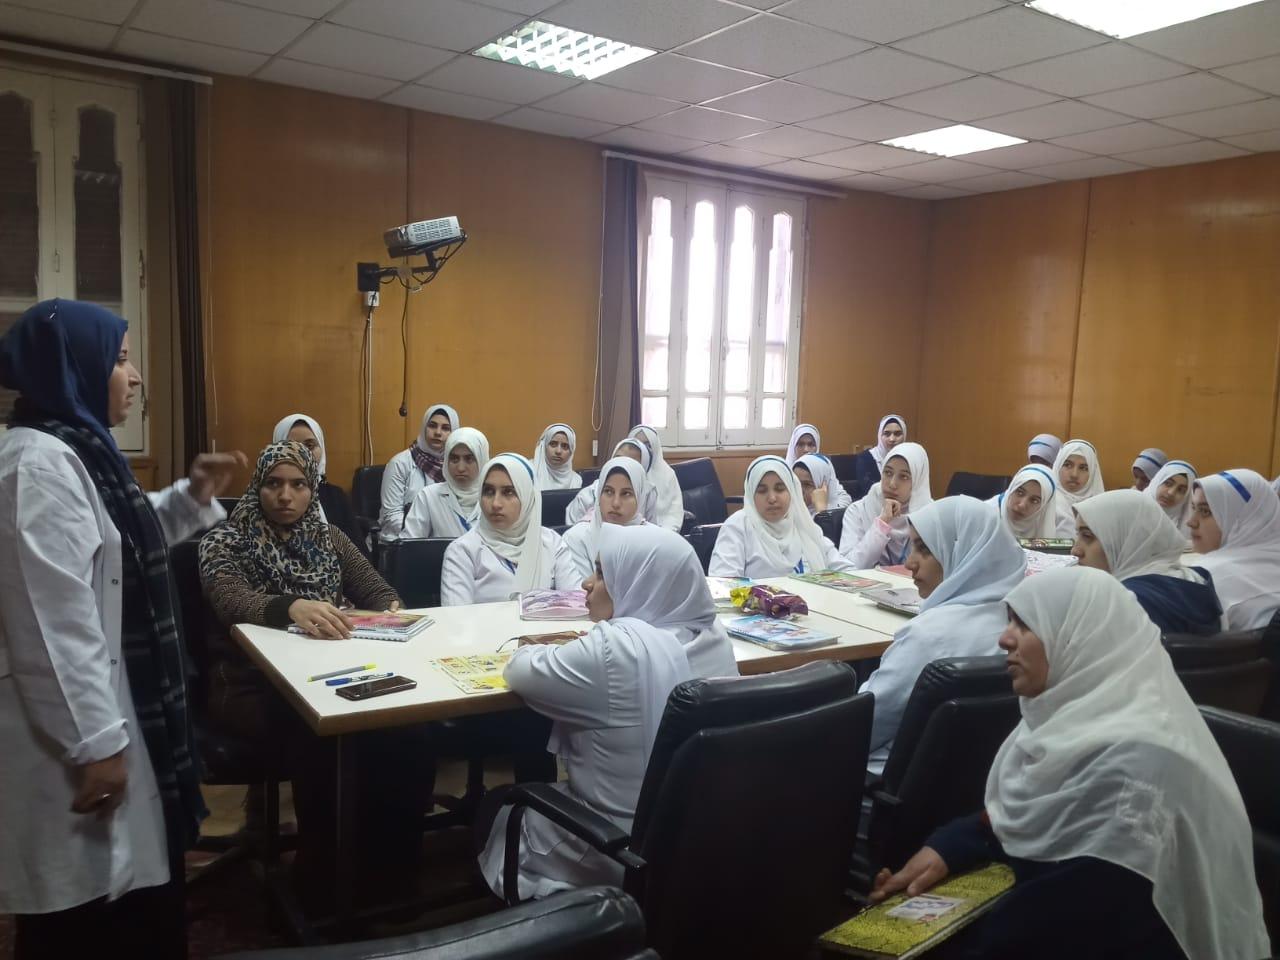 صورة دورة تدريبية لطالبات مدرسة التمريض بمستشفى ههيا